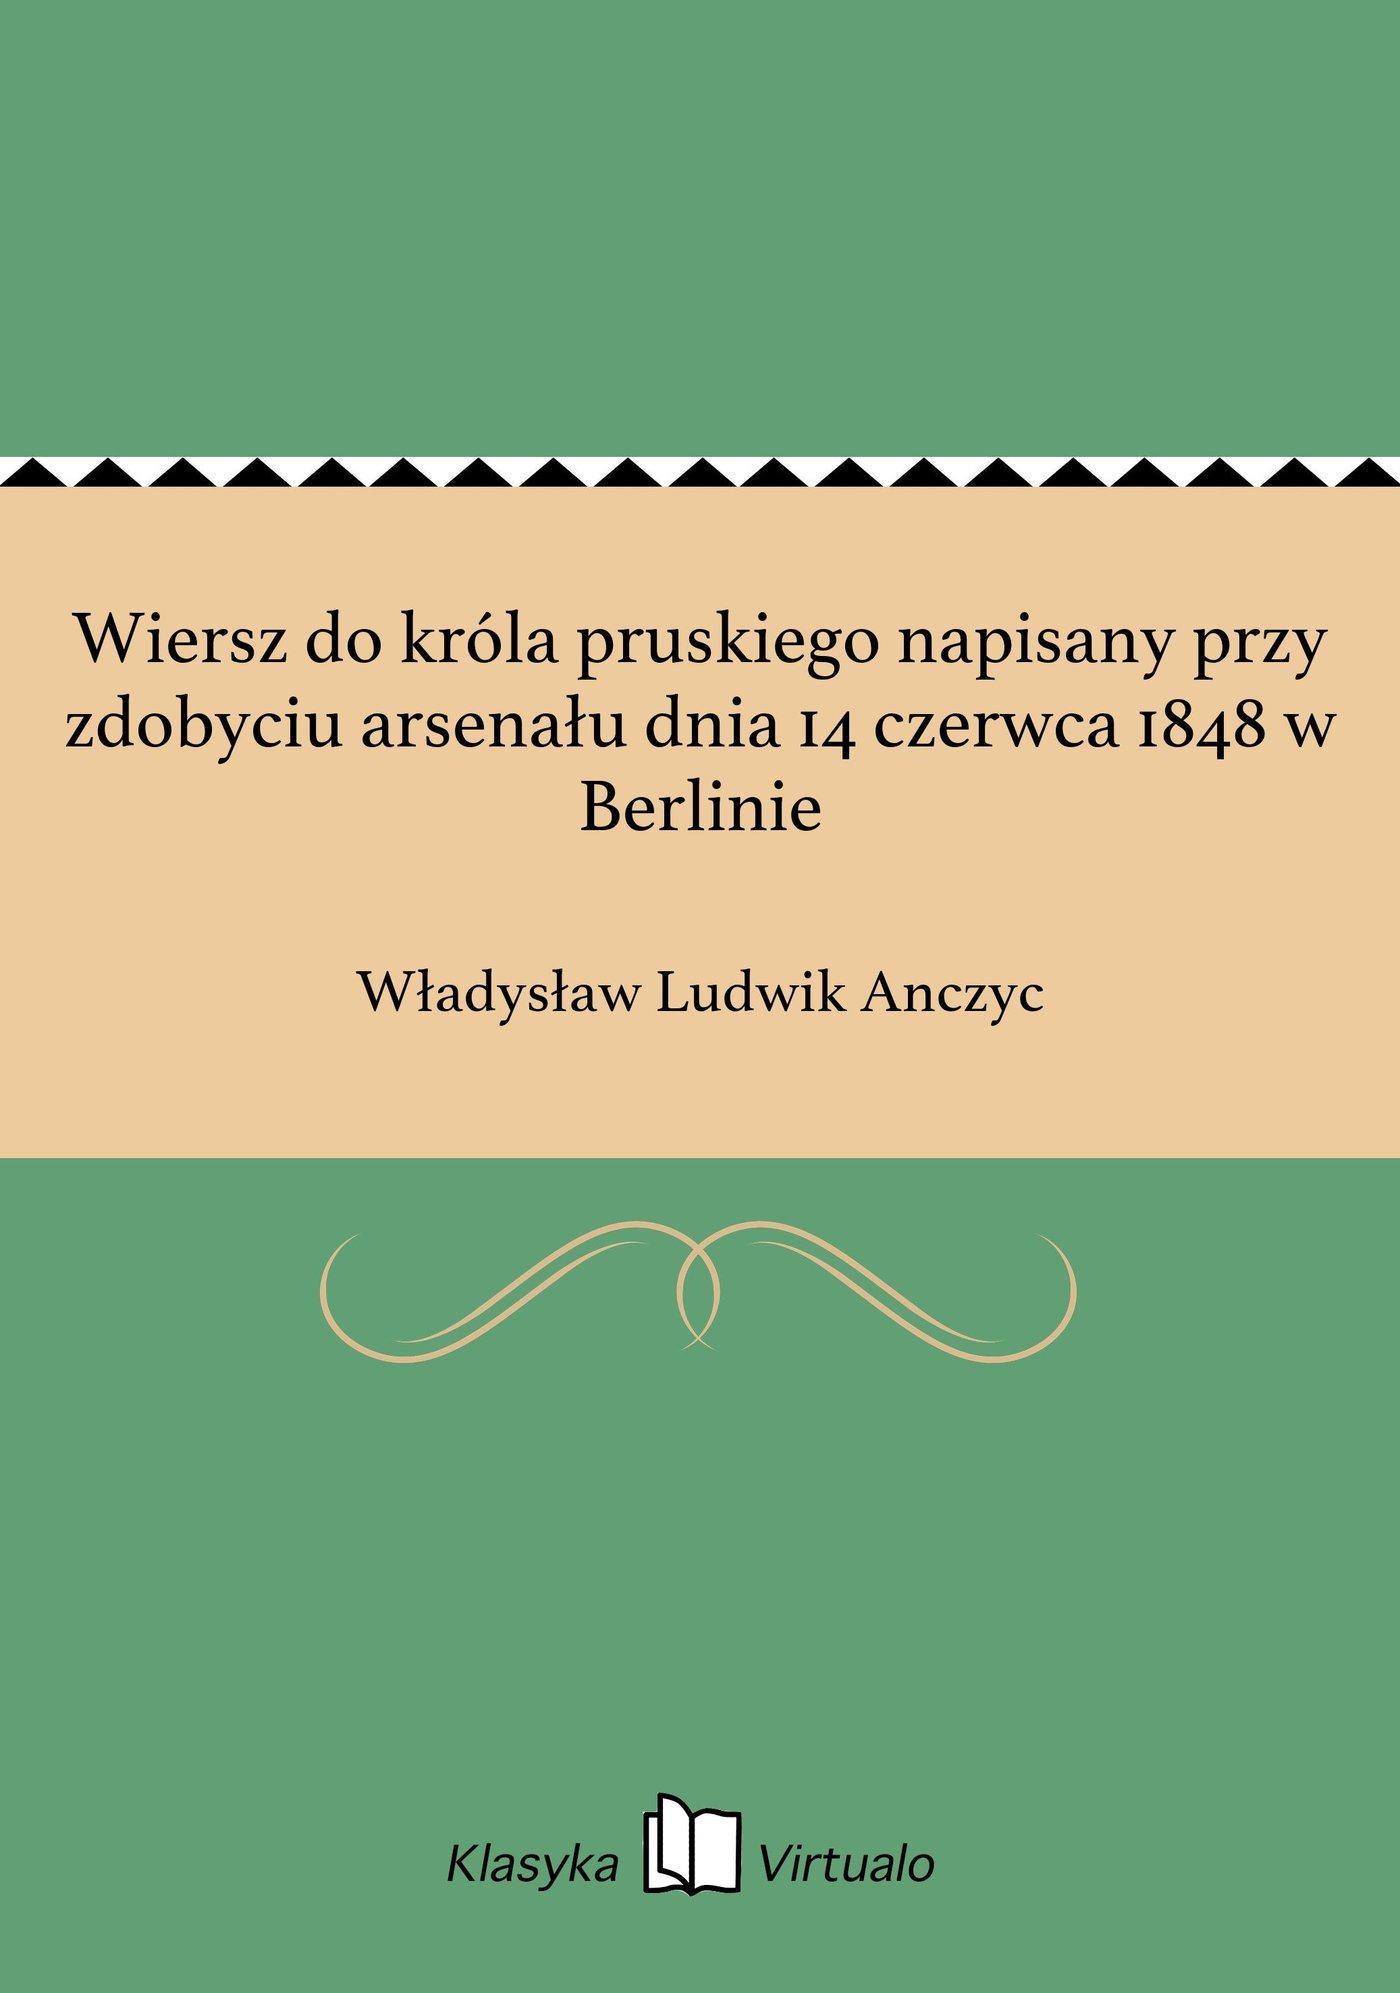 Wiersz do króla pruskiego napisany przy zdobyciu arsenału dnia 14 czerwca 1848 w Berlinie - Ebook (Książka EPUB) do pobrania w formacie EPUB